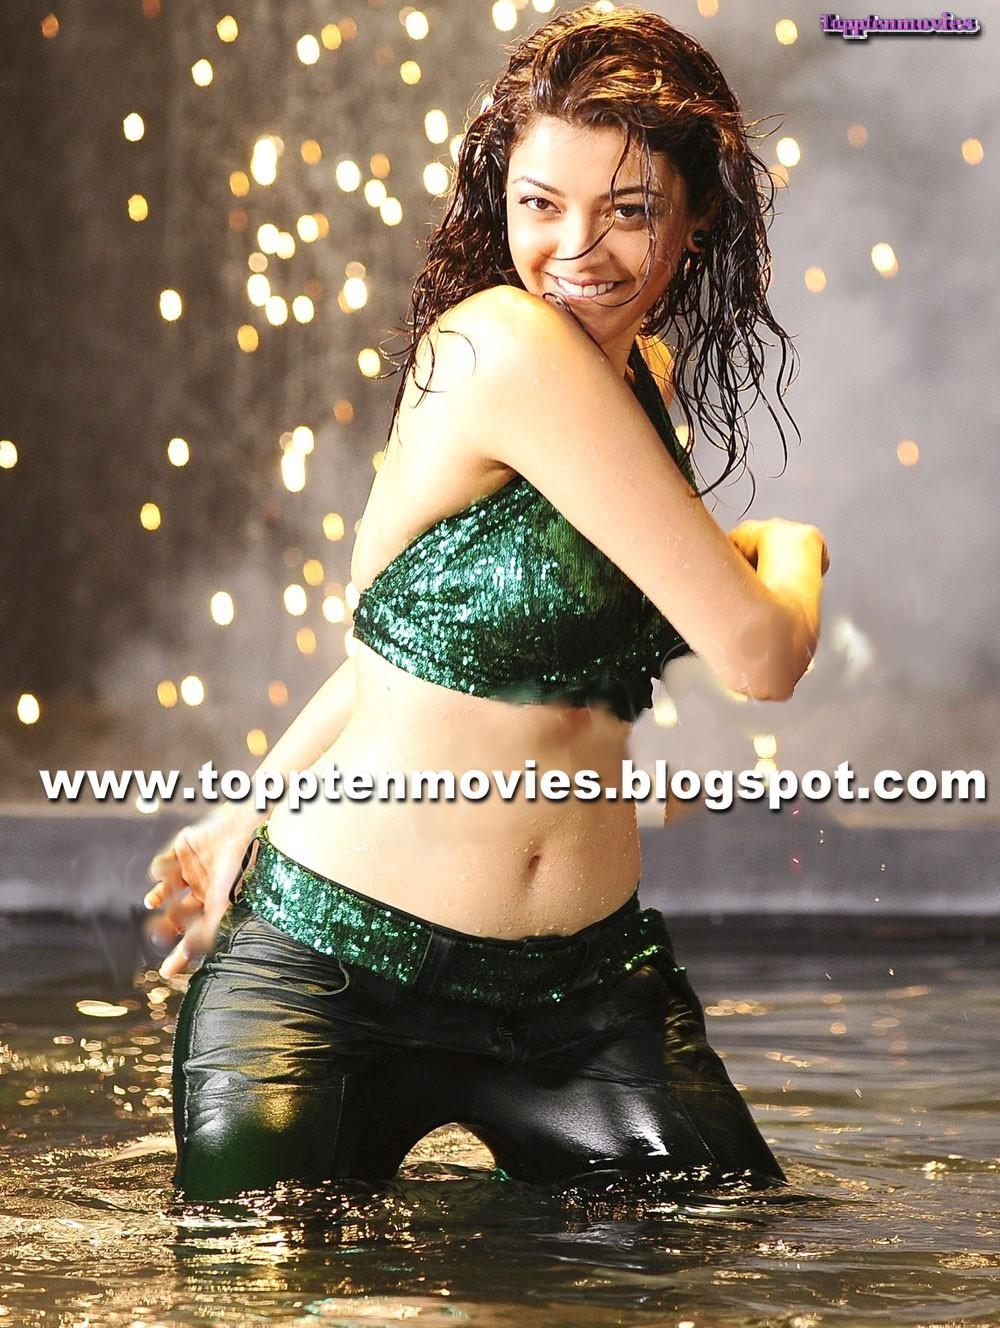 http://4.bp.blogspot.com/_iRqKBCtH6ZM/S_t0jnOshCI/AAAAAAAACIg/Siiv6odQjCE/s1600/KajalAgarwal-Sexy-Navel-Show+%289%29.jpg